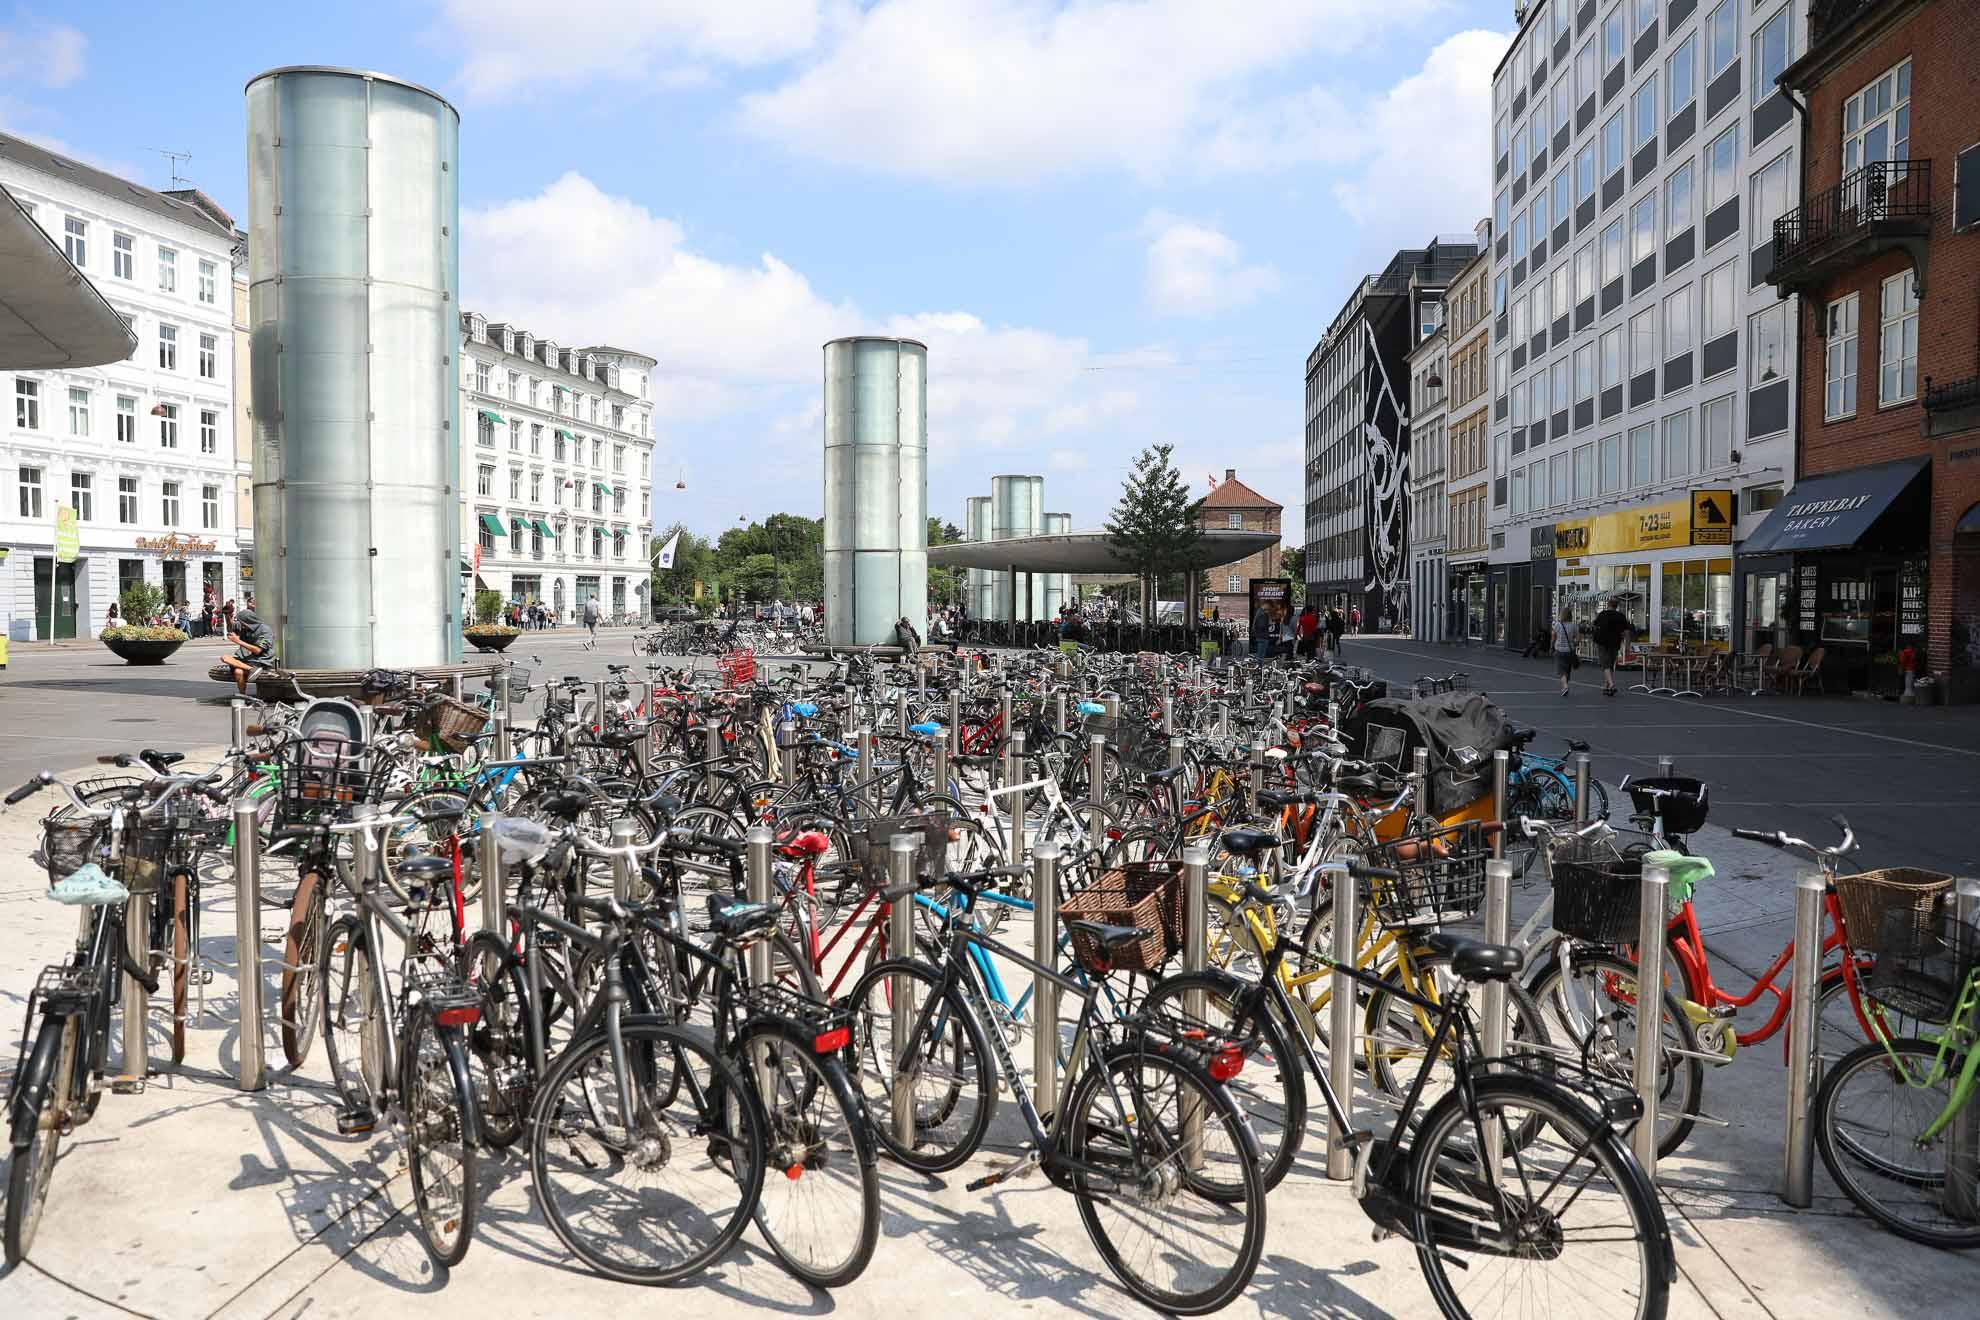 Vorbildlich: Die Hauptstädter fahren gern mit dem Rad